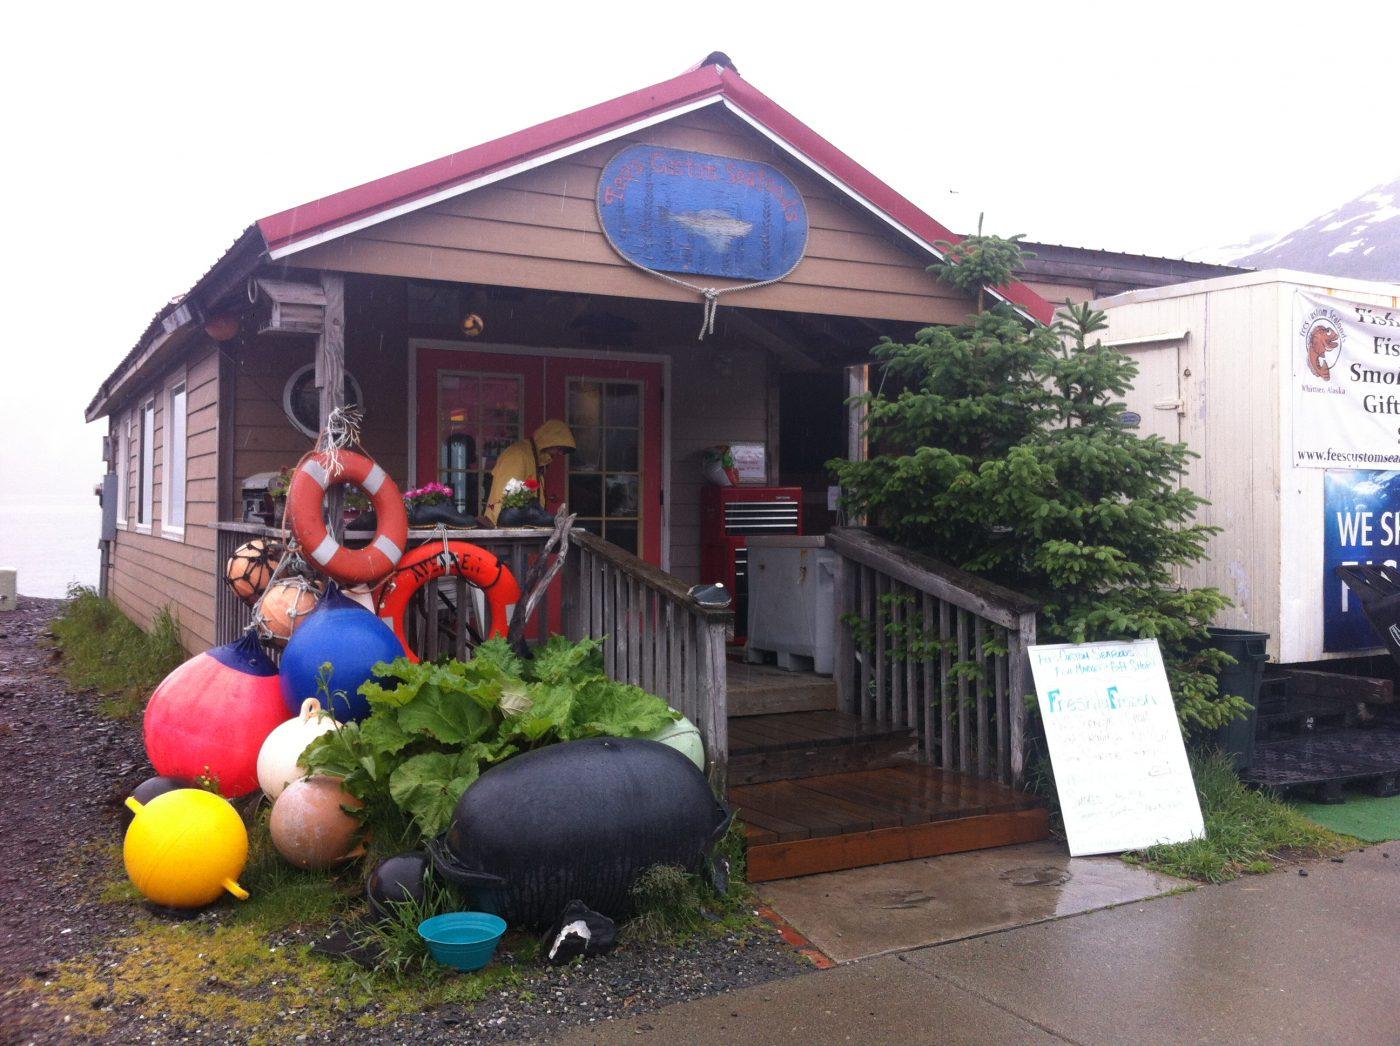 Whittier – Alaska (The strangest little town in the world)